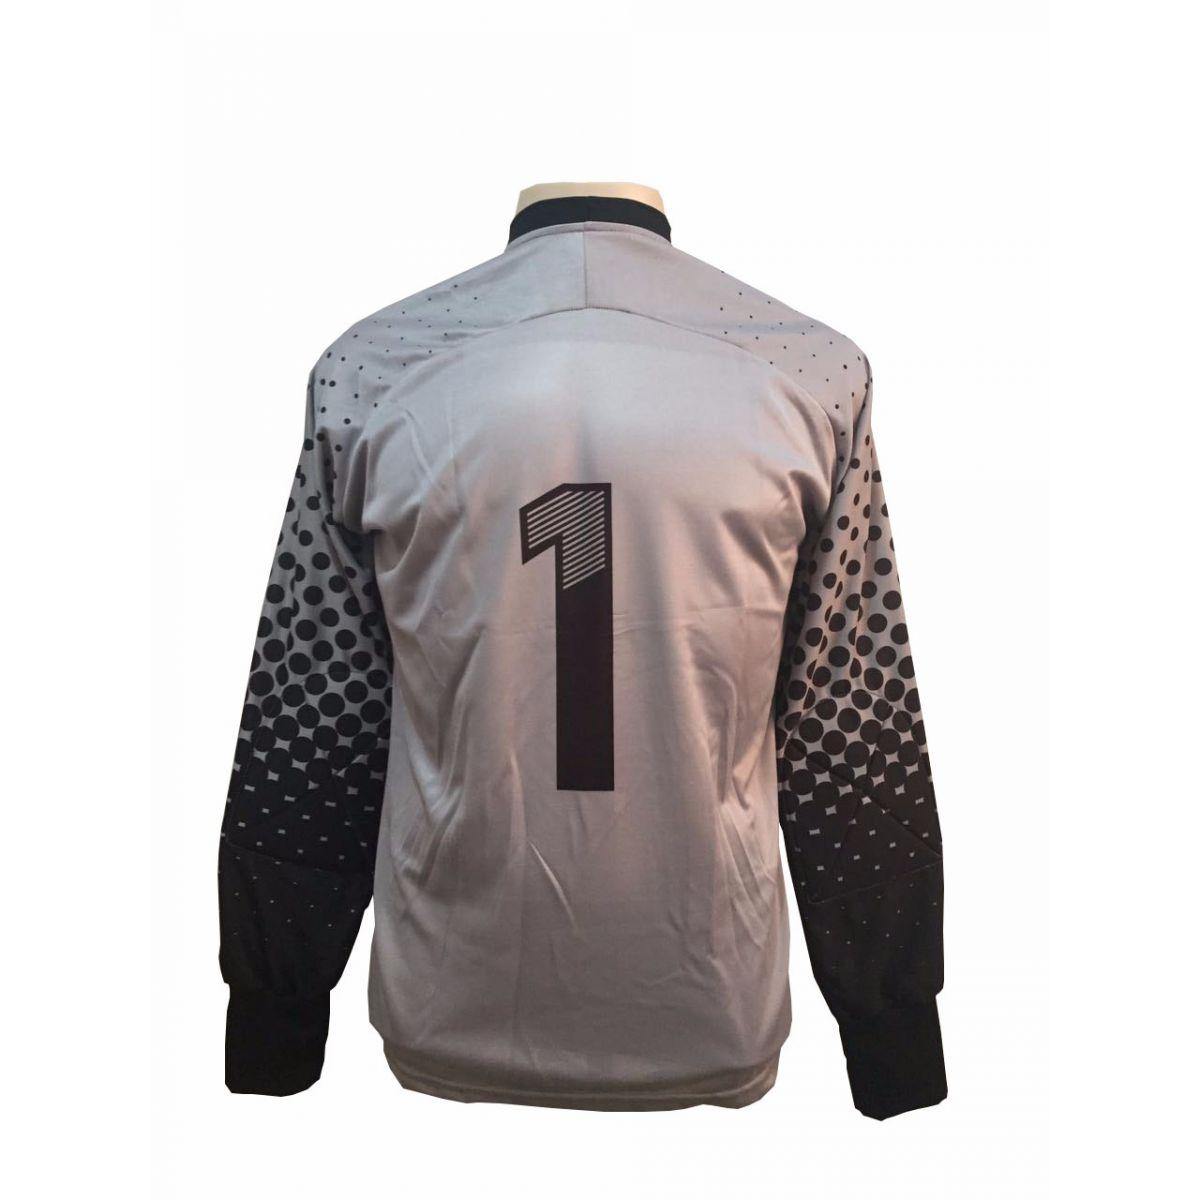 Camisa de Goleiro modelo Transfer 237 Cinza/Preto nº 1 Tamanho G